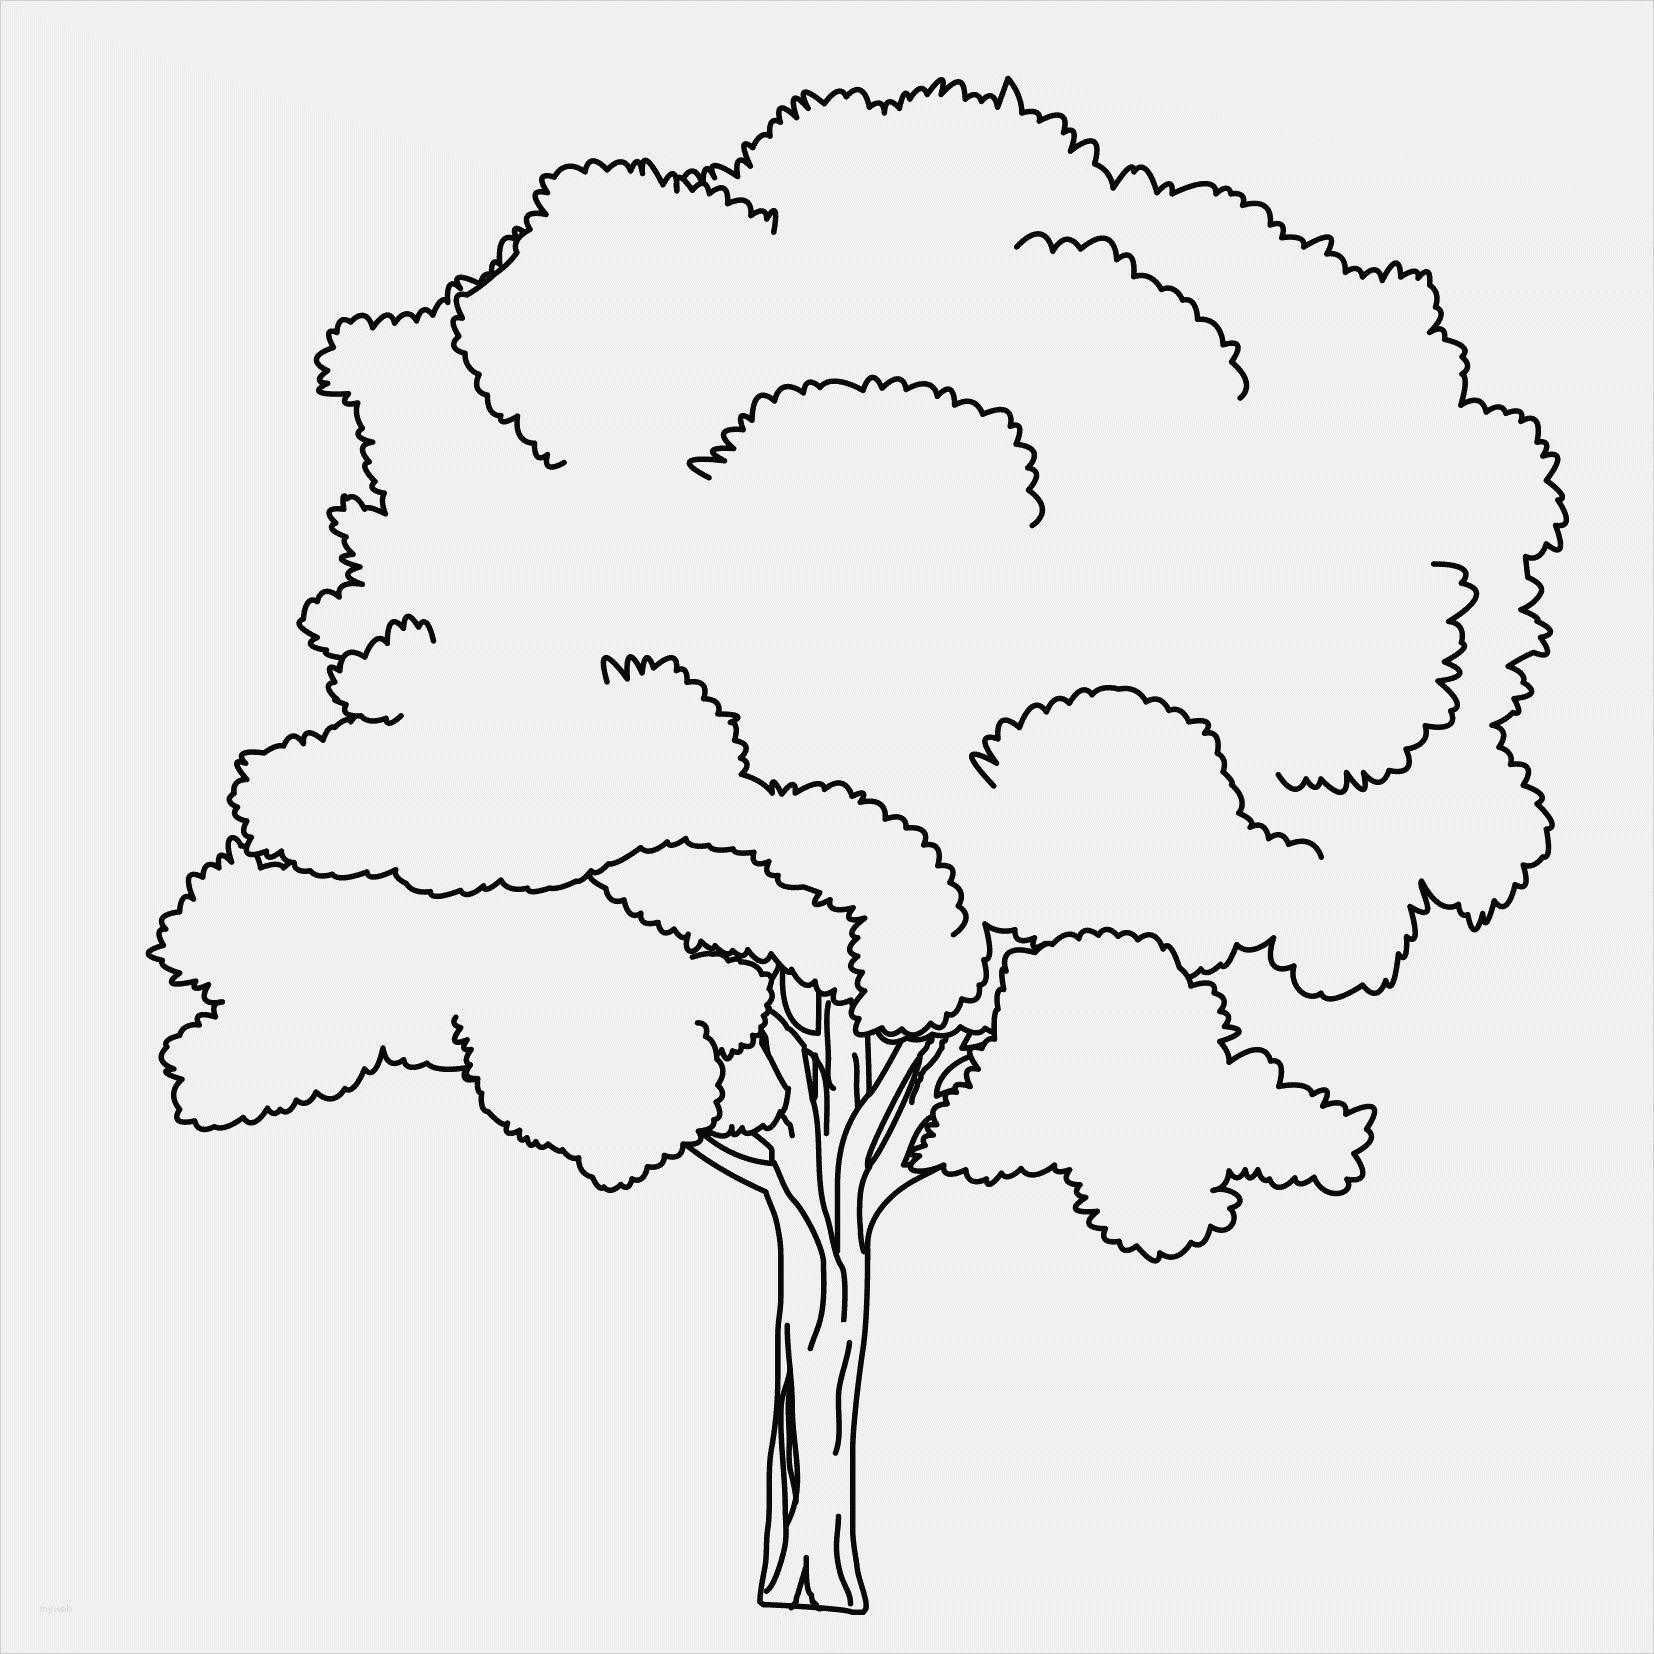 Coole Ausmalbilder Zum Ausdrucken In 2020   Ausmalbilder über Malvorlagen Bäume Zum Ausdrucken